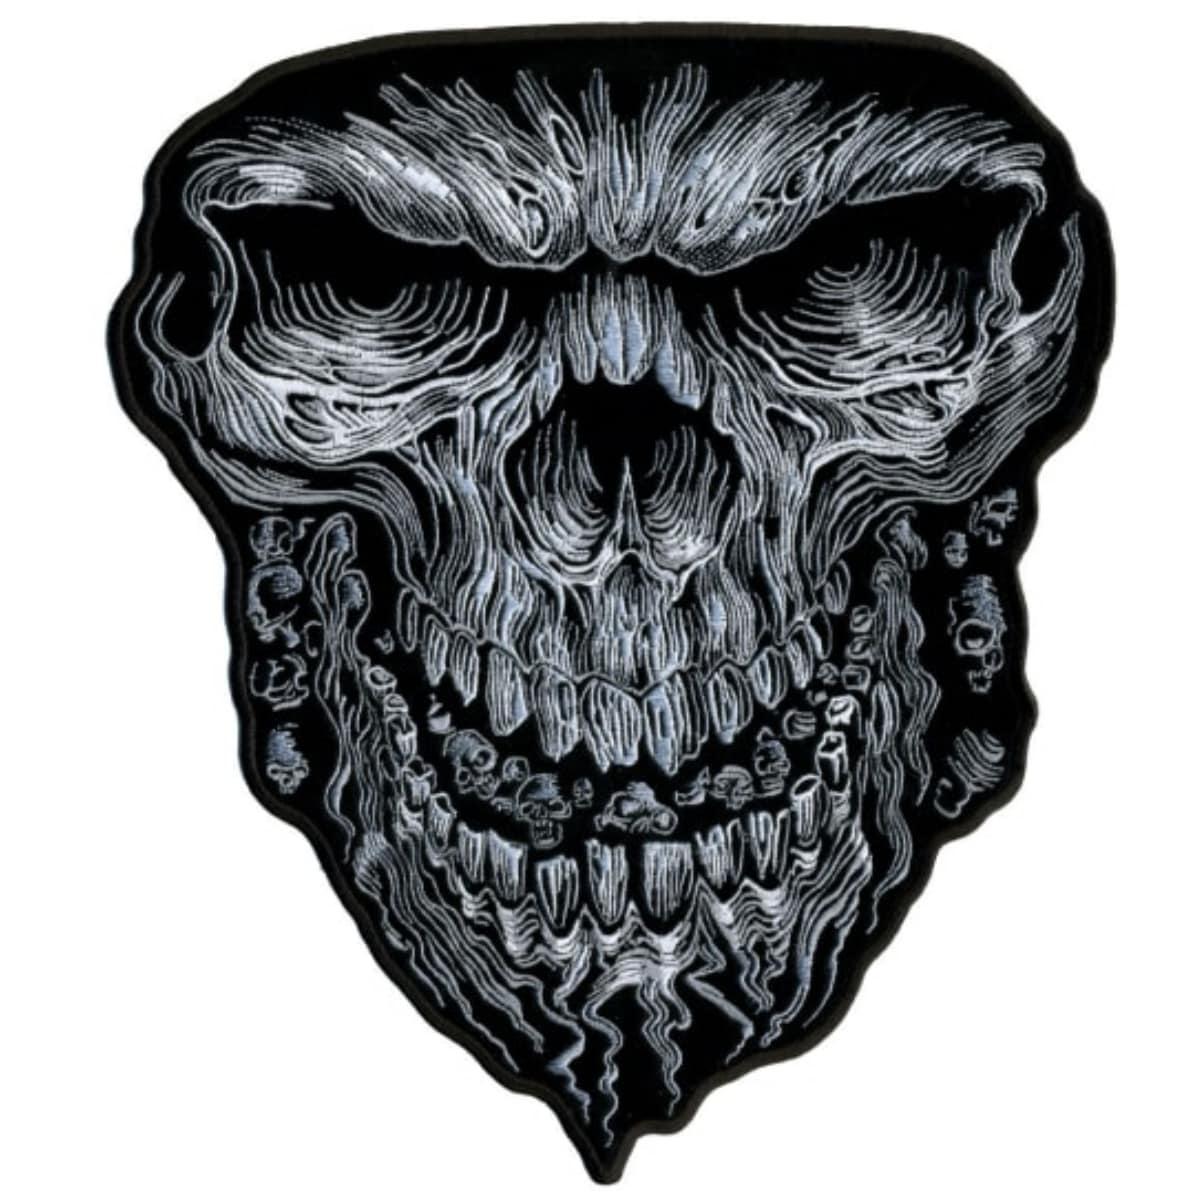 裁縫材料, ワッペン・アップリケ !! ! 2! Giant Skull Patch ! ! !